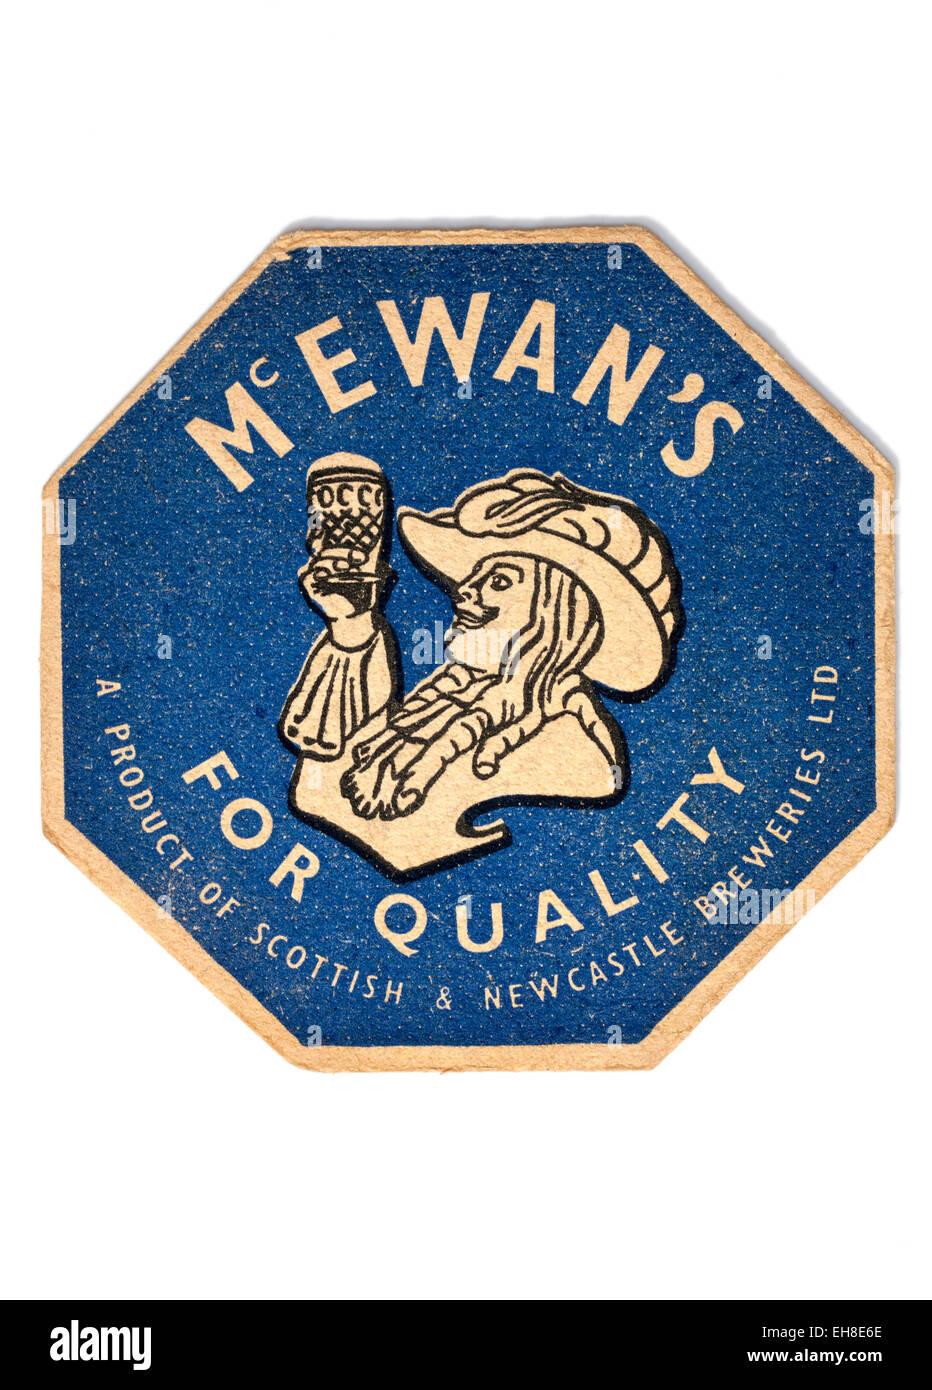 Vintage Beermat Advertising Mcewans Beer - Stock Image